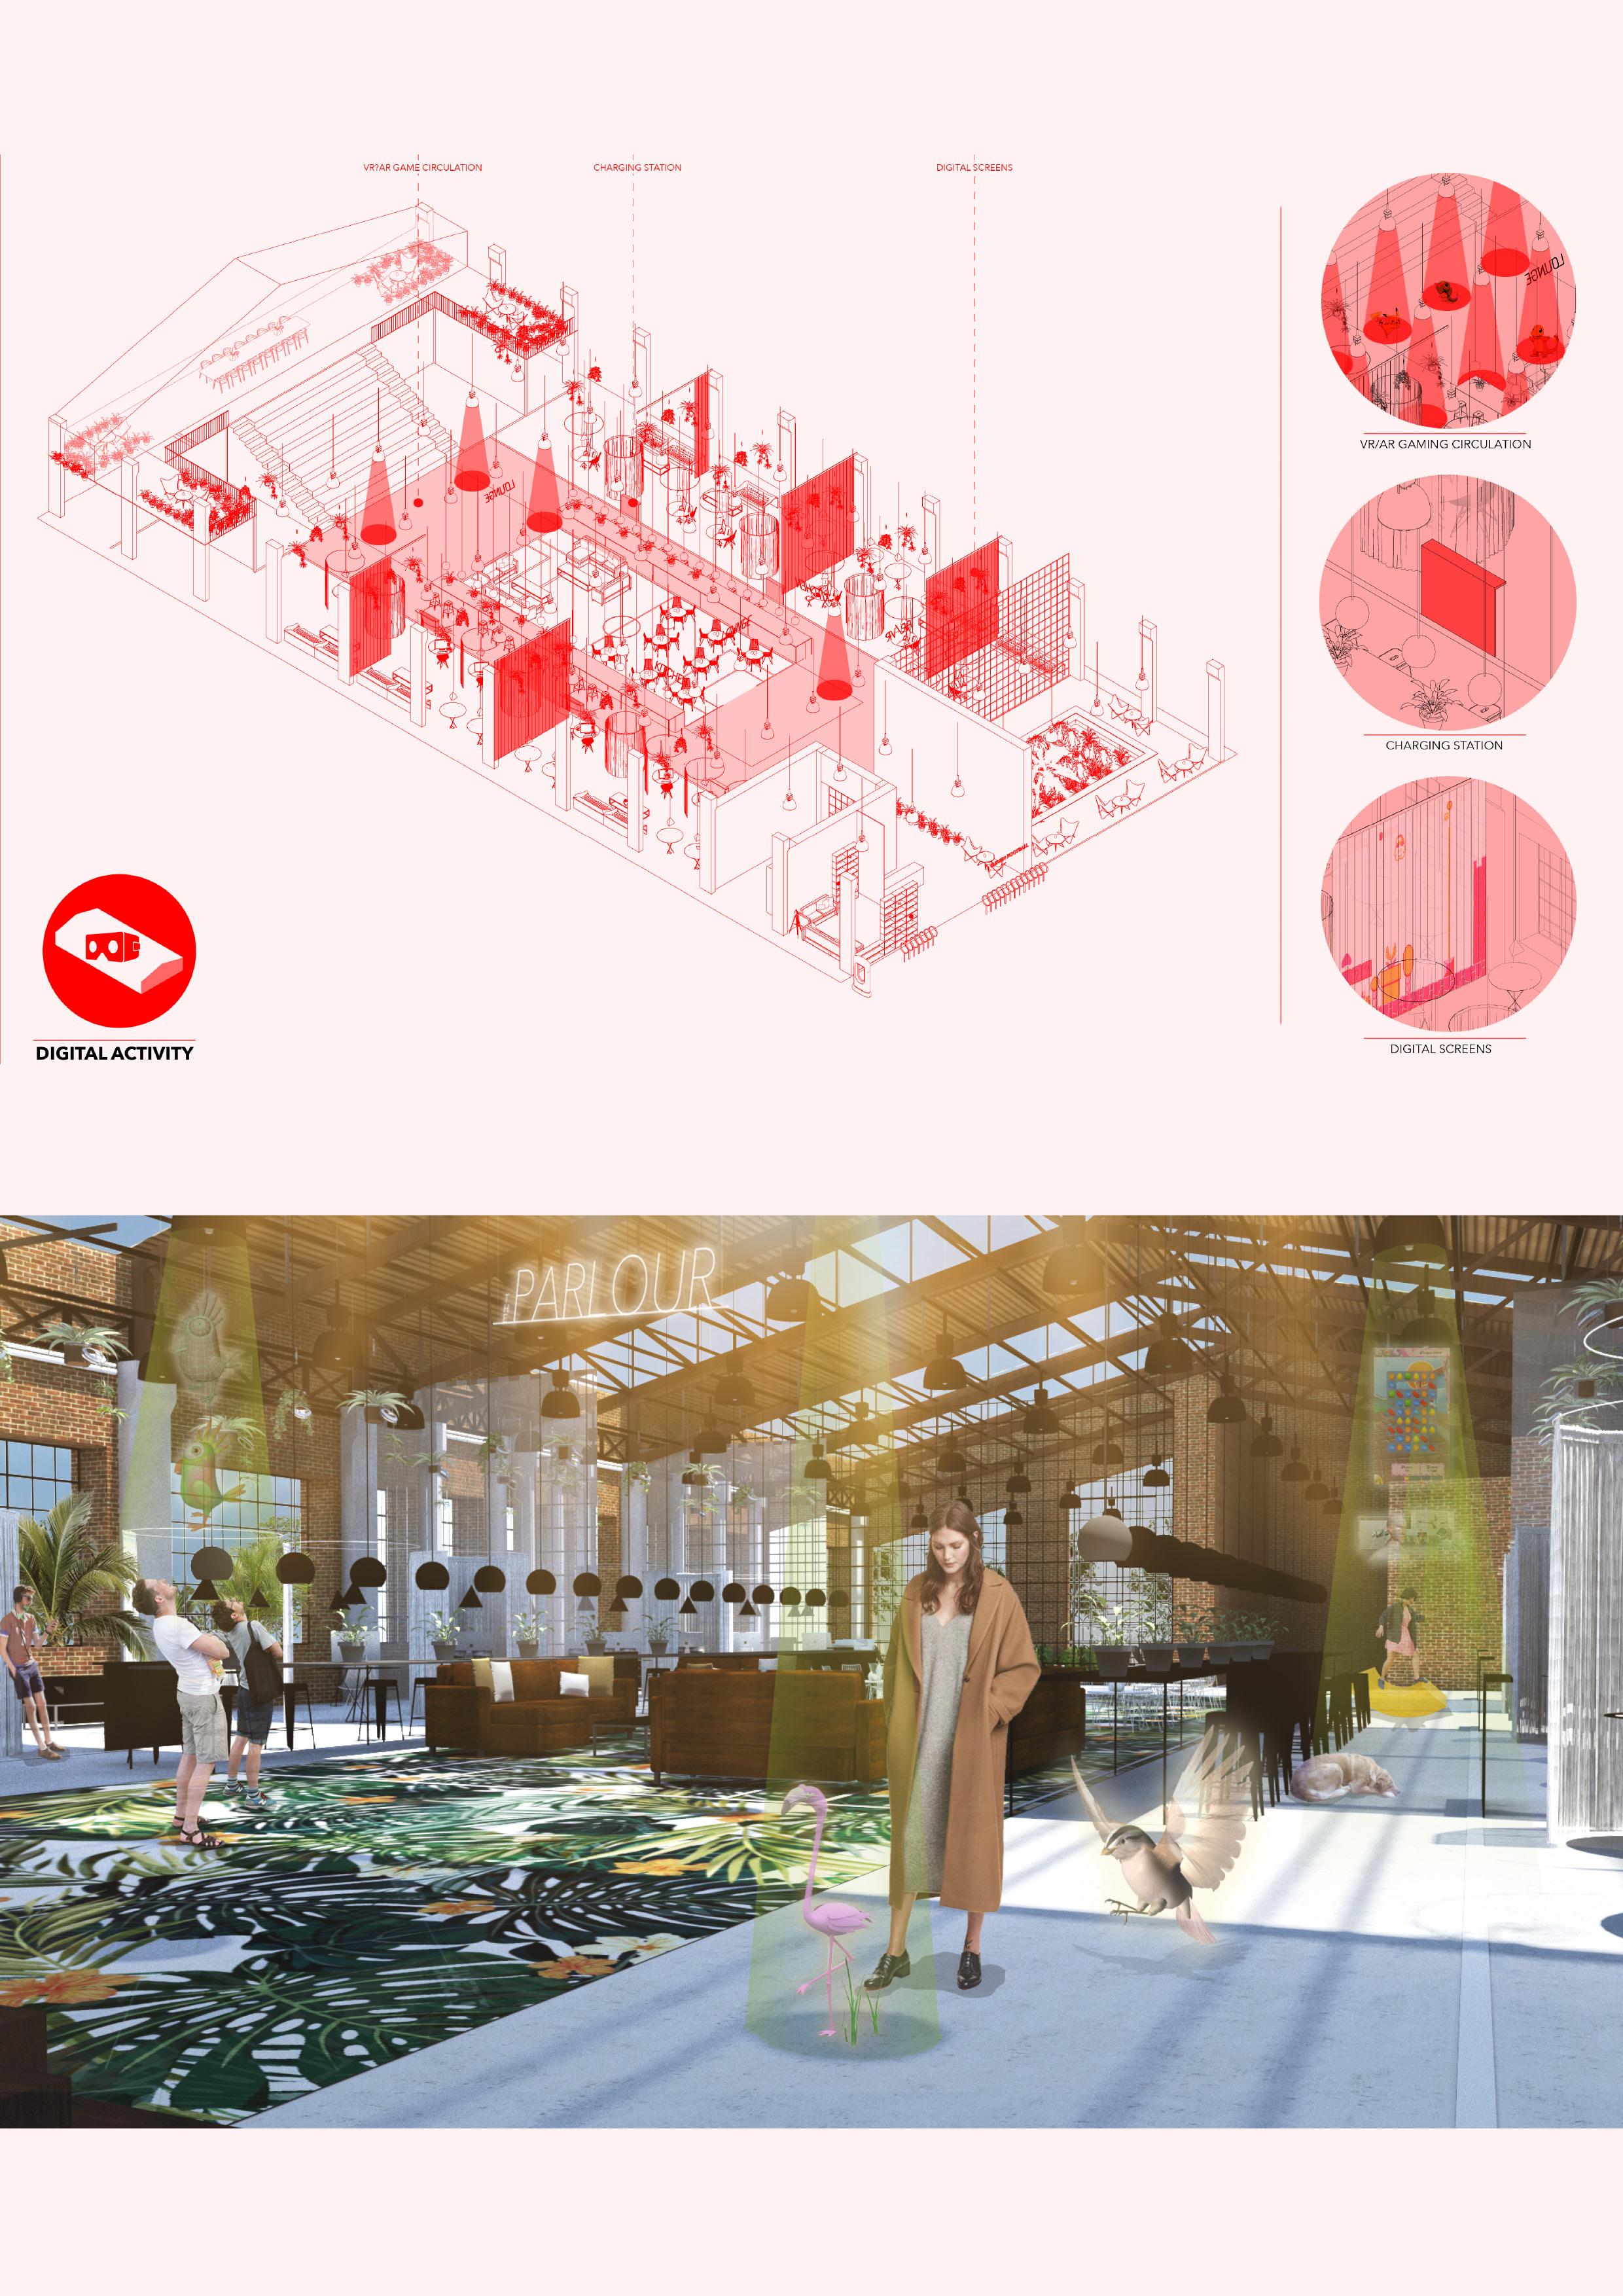 Atelier Aitken Modern Workplace design - Digital Activation.jpg